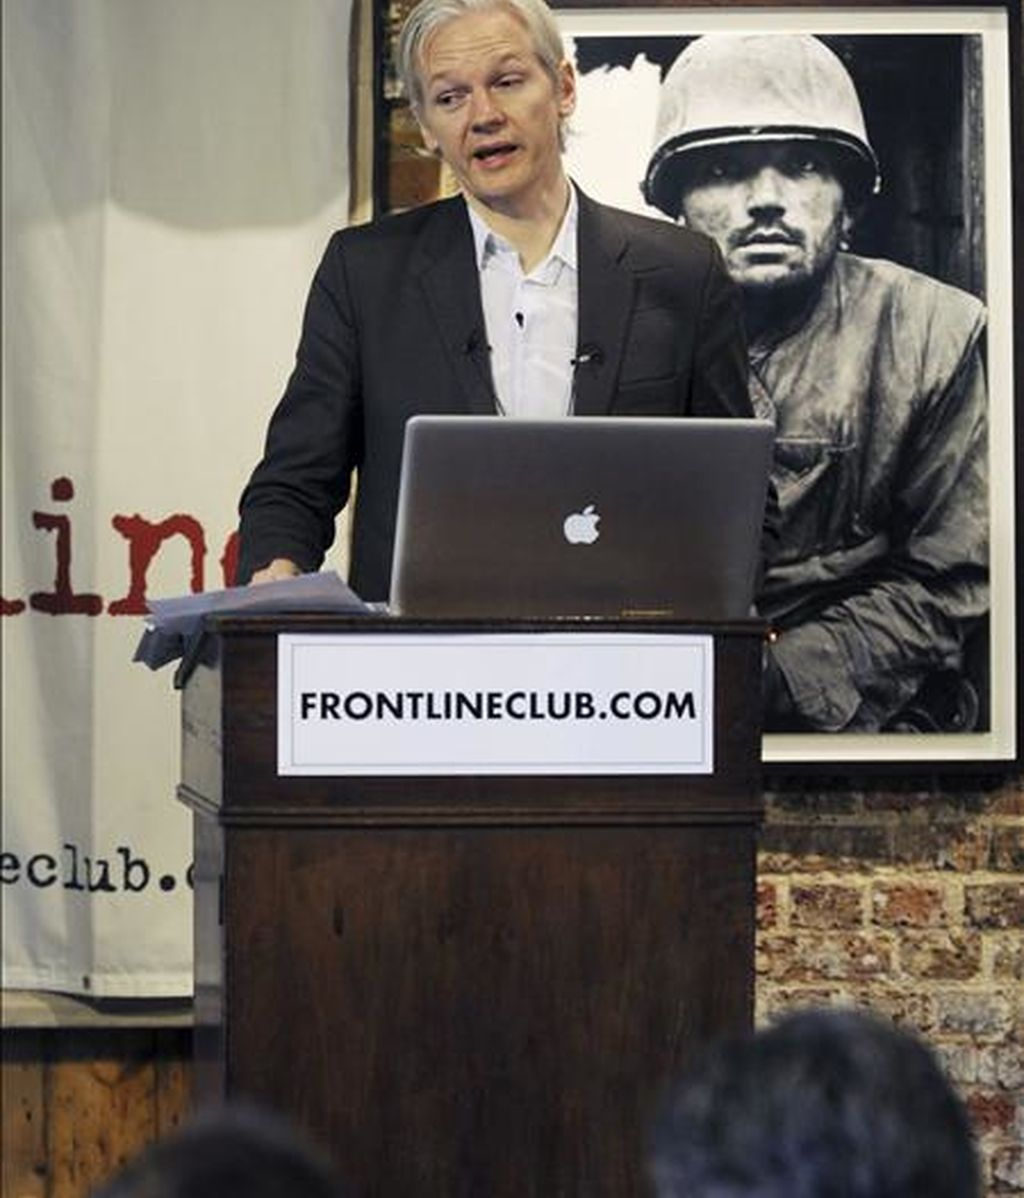 Fotografía tomada el 26 de julio de 2010 que muestra al fundador de Wikileaks, Julian Assange, durante una rueda de prensa en el Frontline Club de Londres (Reino Unido). El Tribunal Supremo de Suecia rechazó hoy el recurso de la defensa de Julian Assange, fundador del polémico portal de internet Wikileaks, y mantuvo la orden de ingreso en prisión en su contra por varios supuestos delitos sexuales. EFE